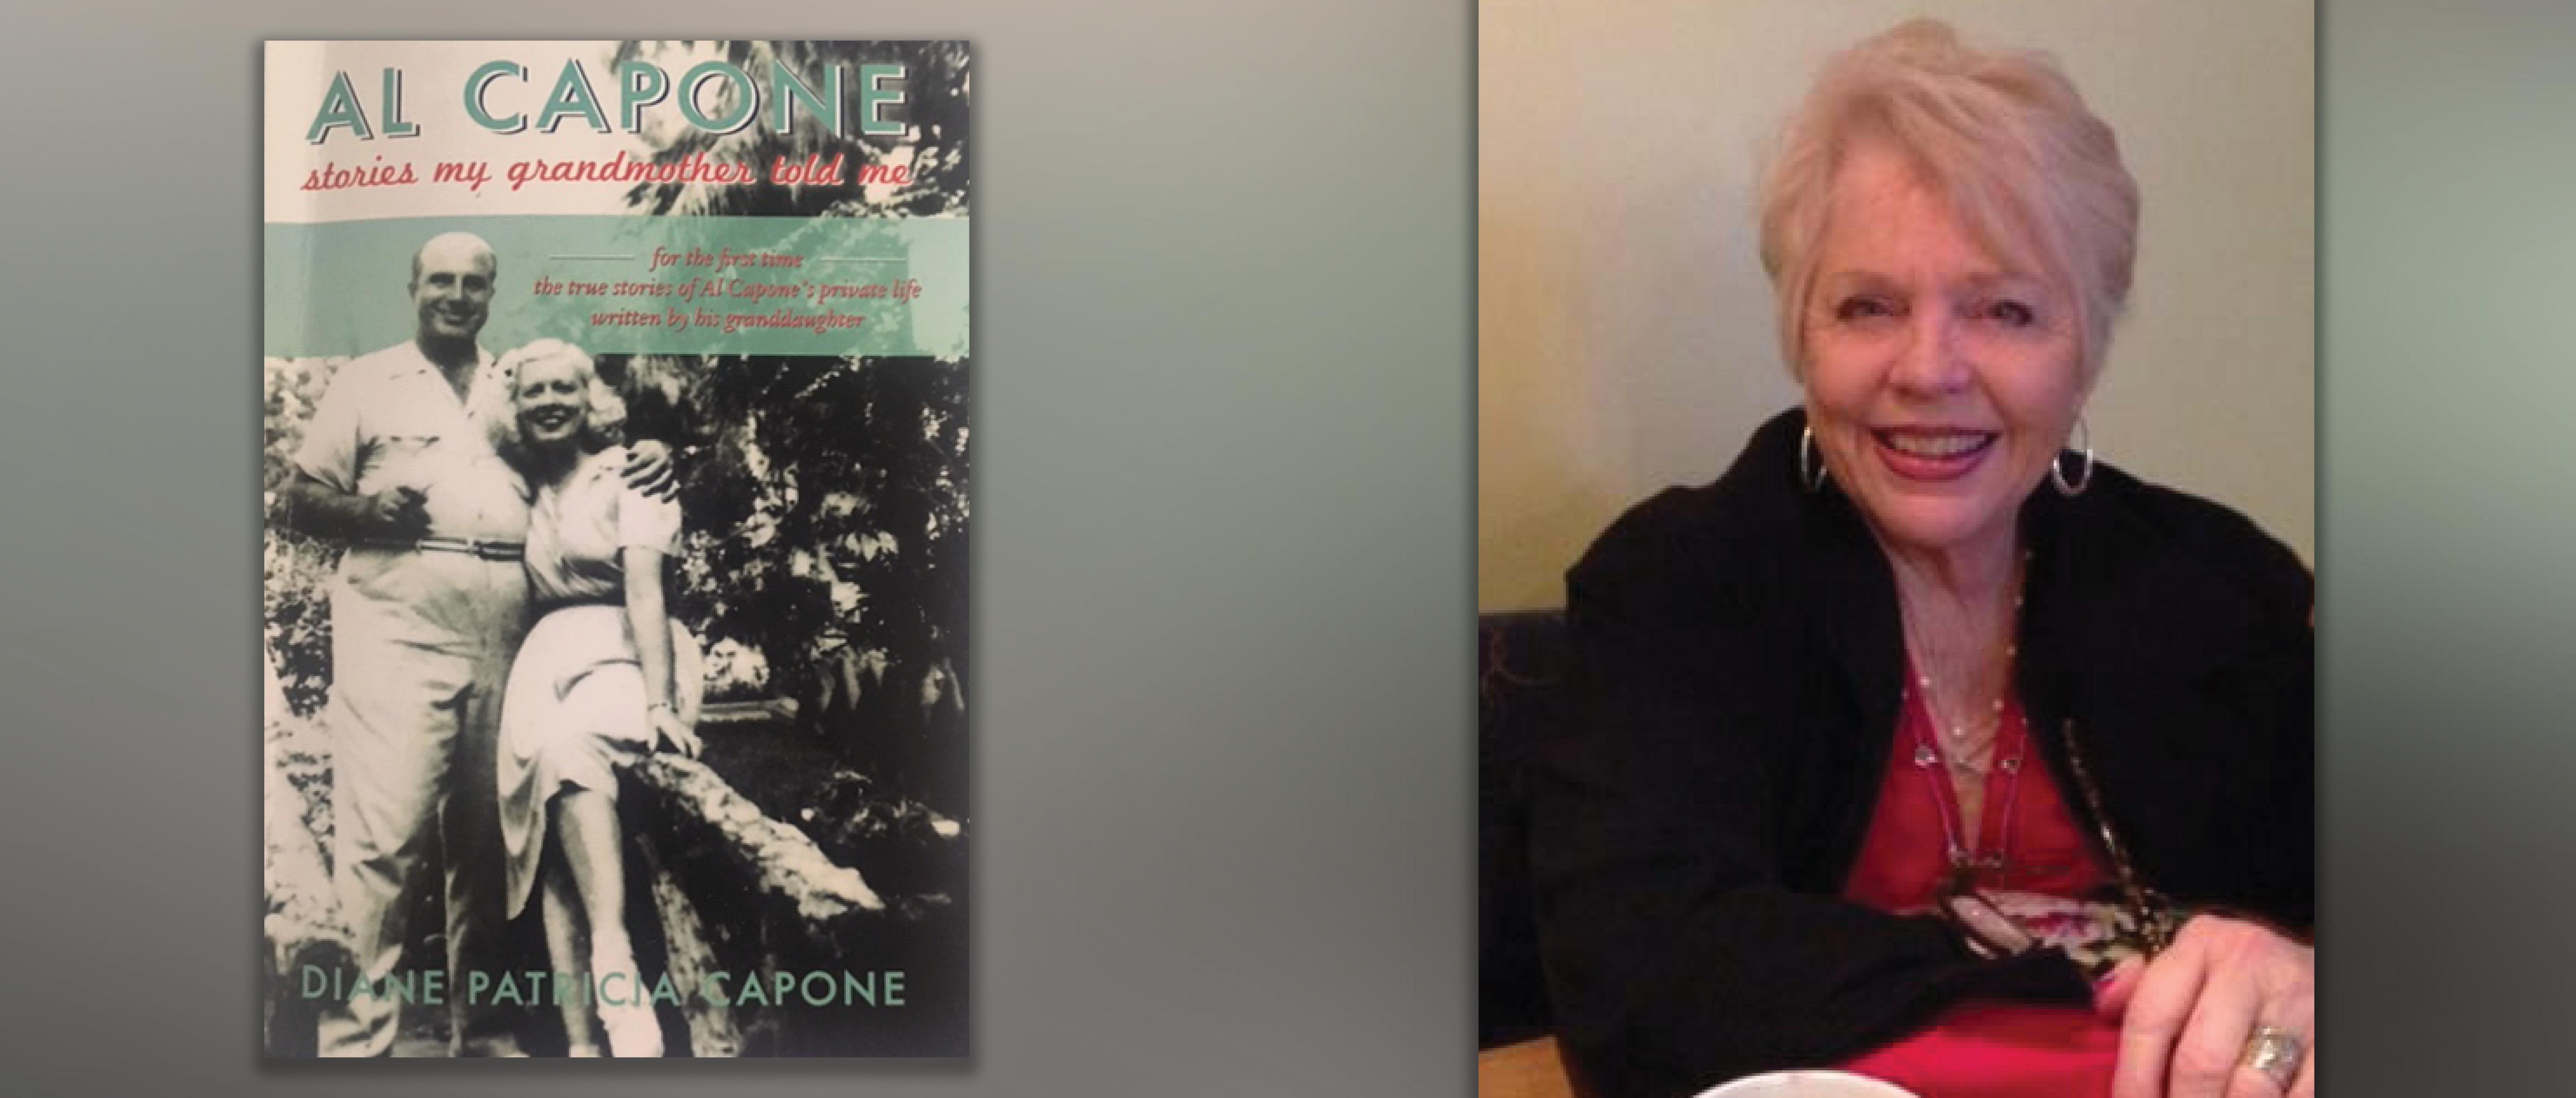 Diane Capone